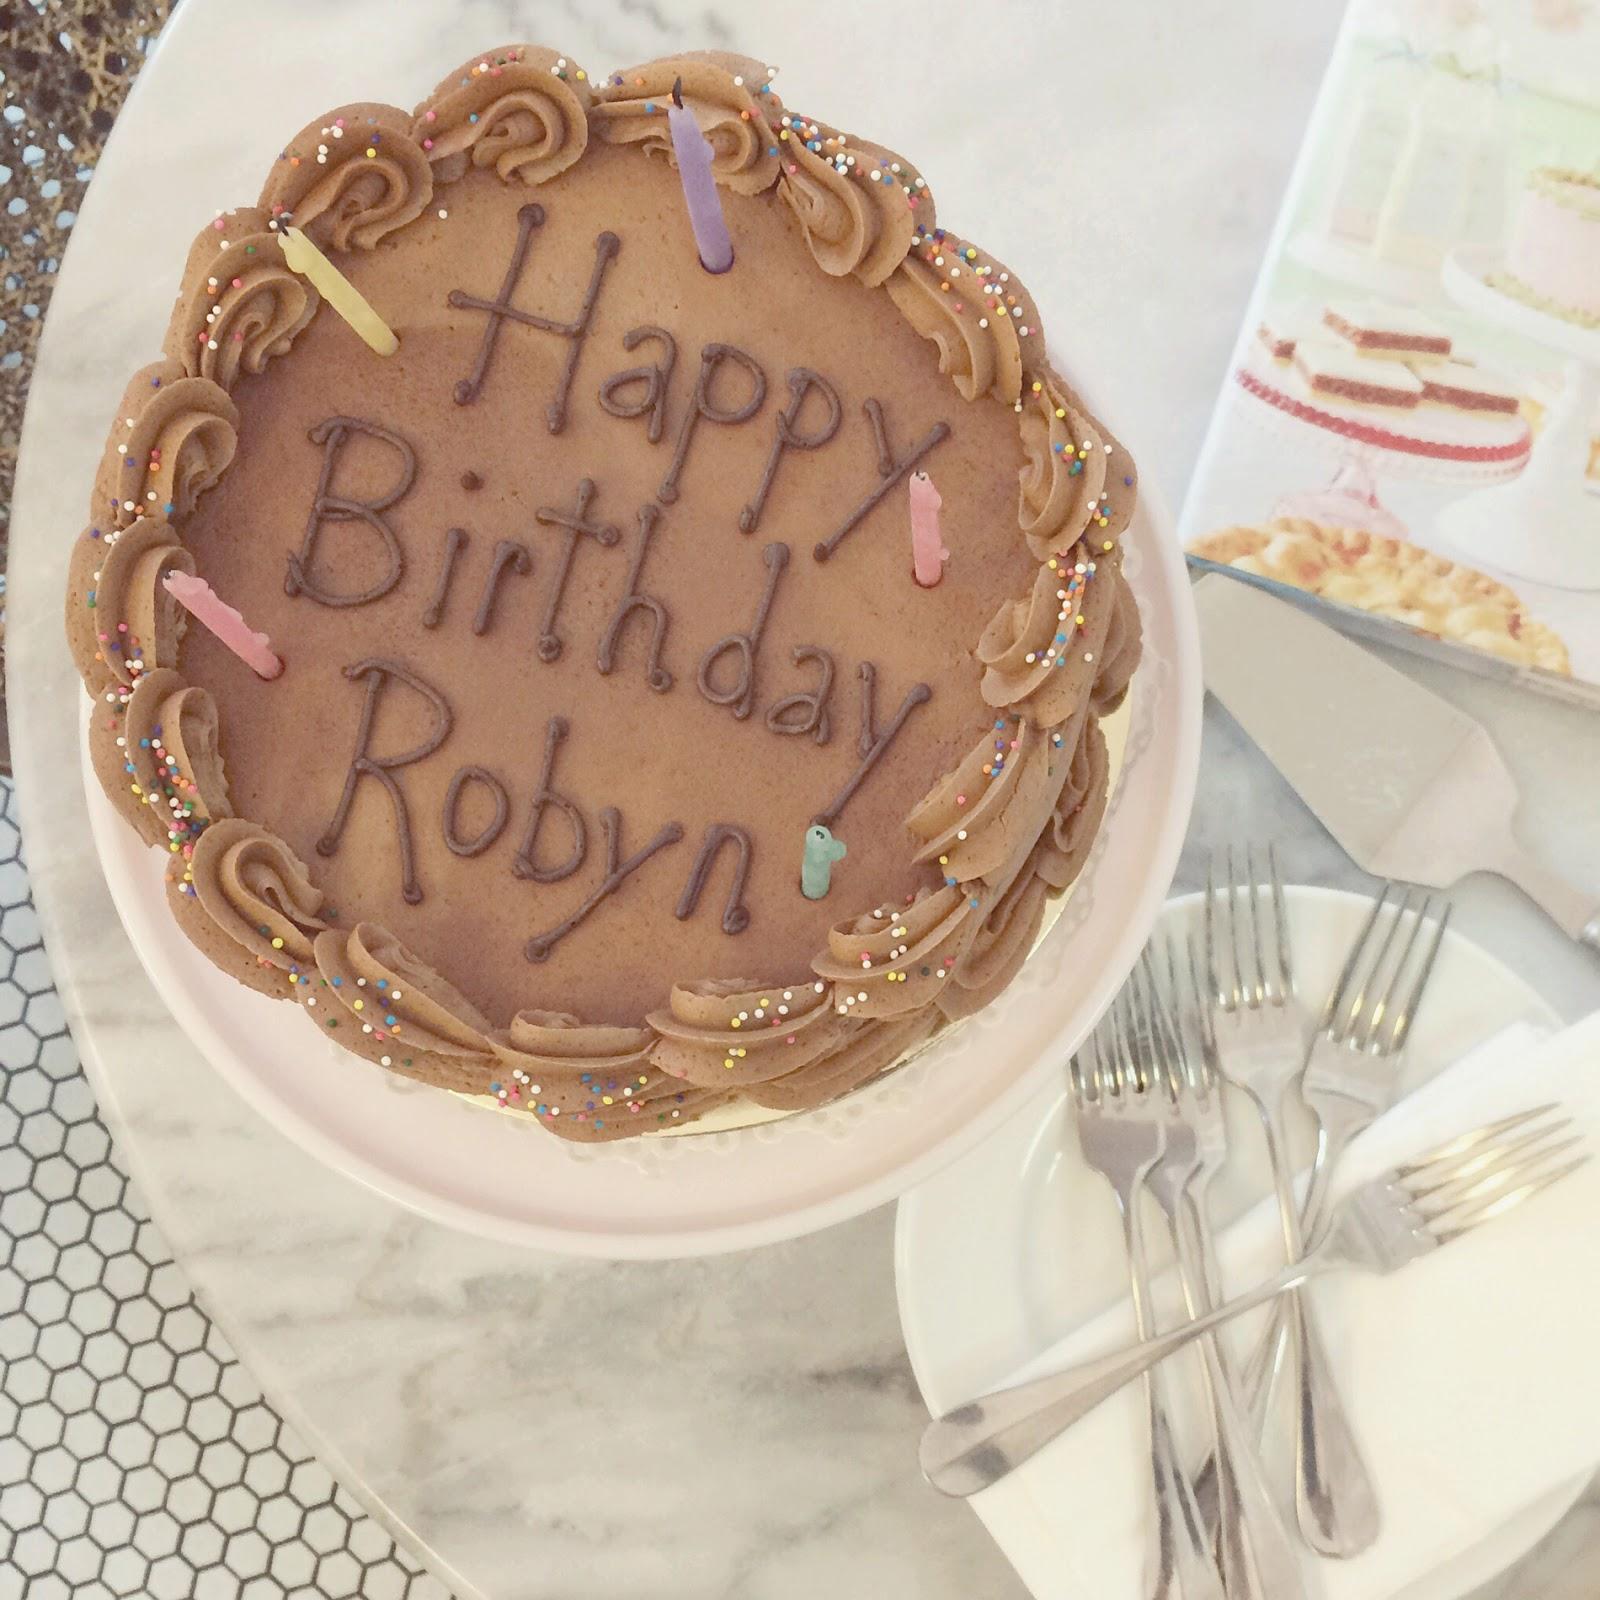 Robyn-Shannon-Birthday